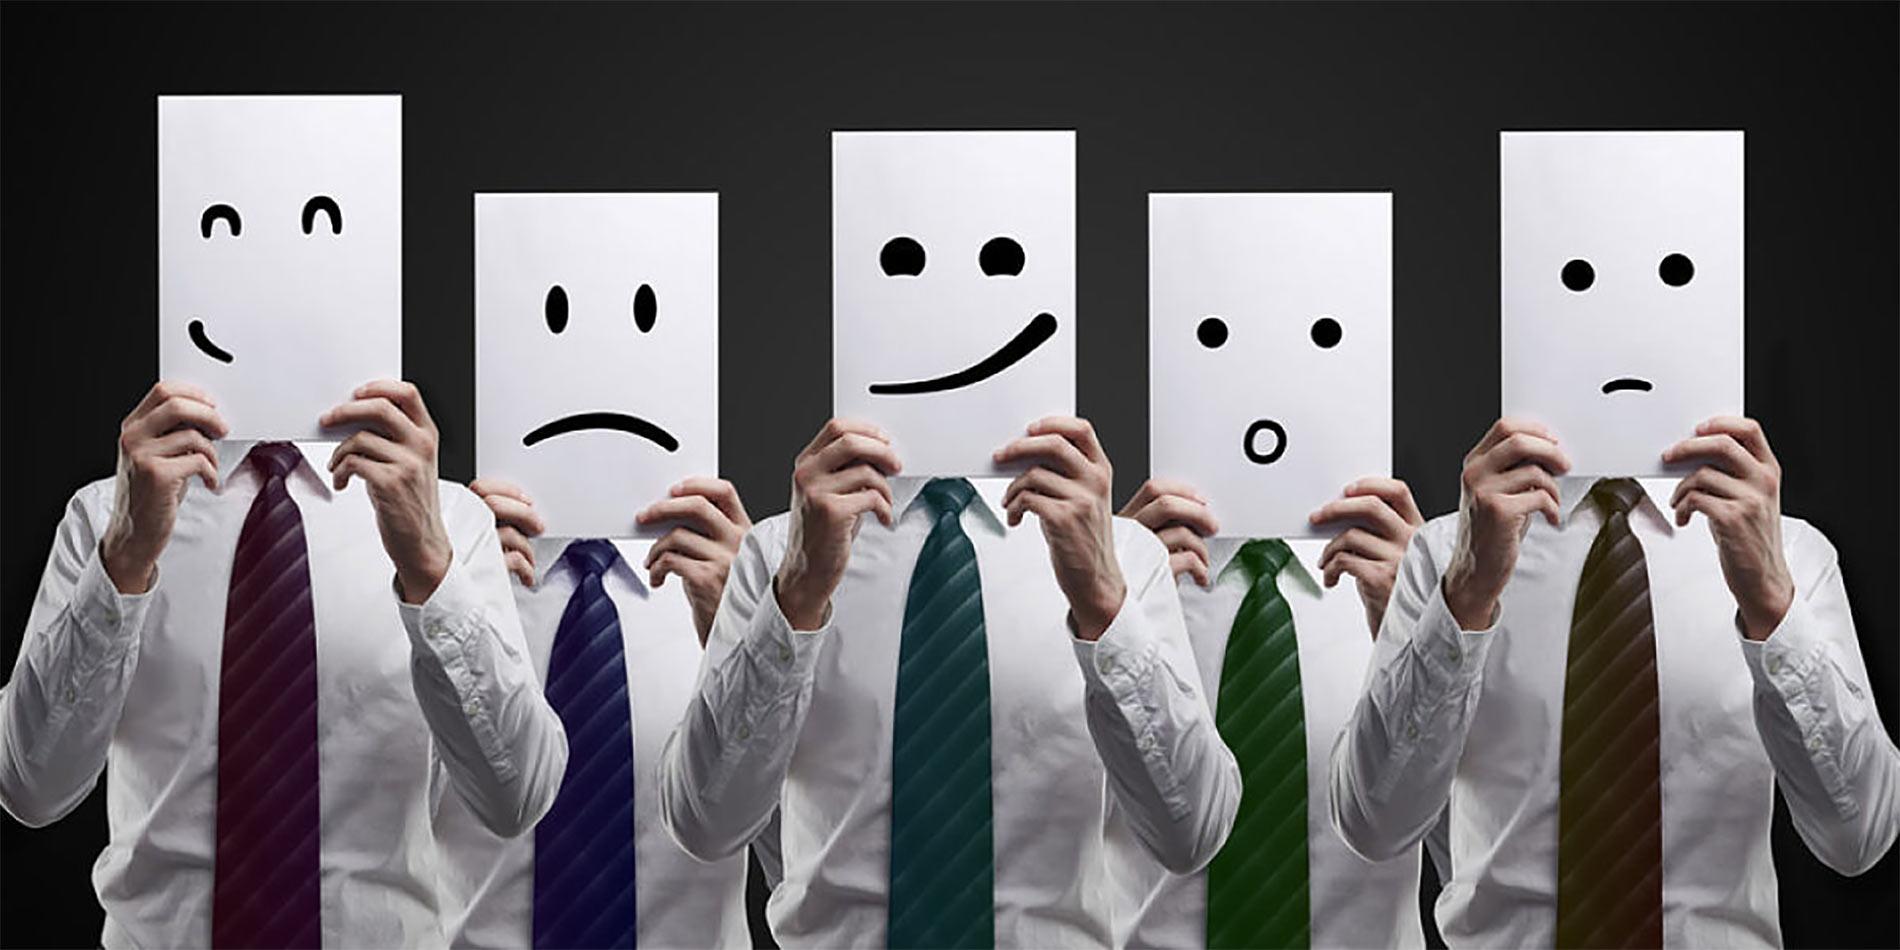 Tại sao cần phải học cách kiềm chế cảm xúc bản thân? - GUU.vn